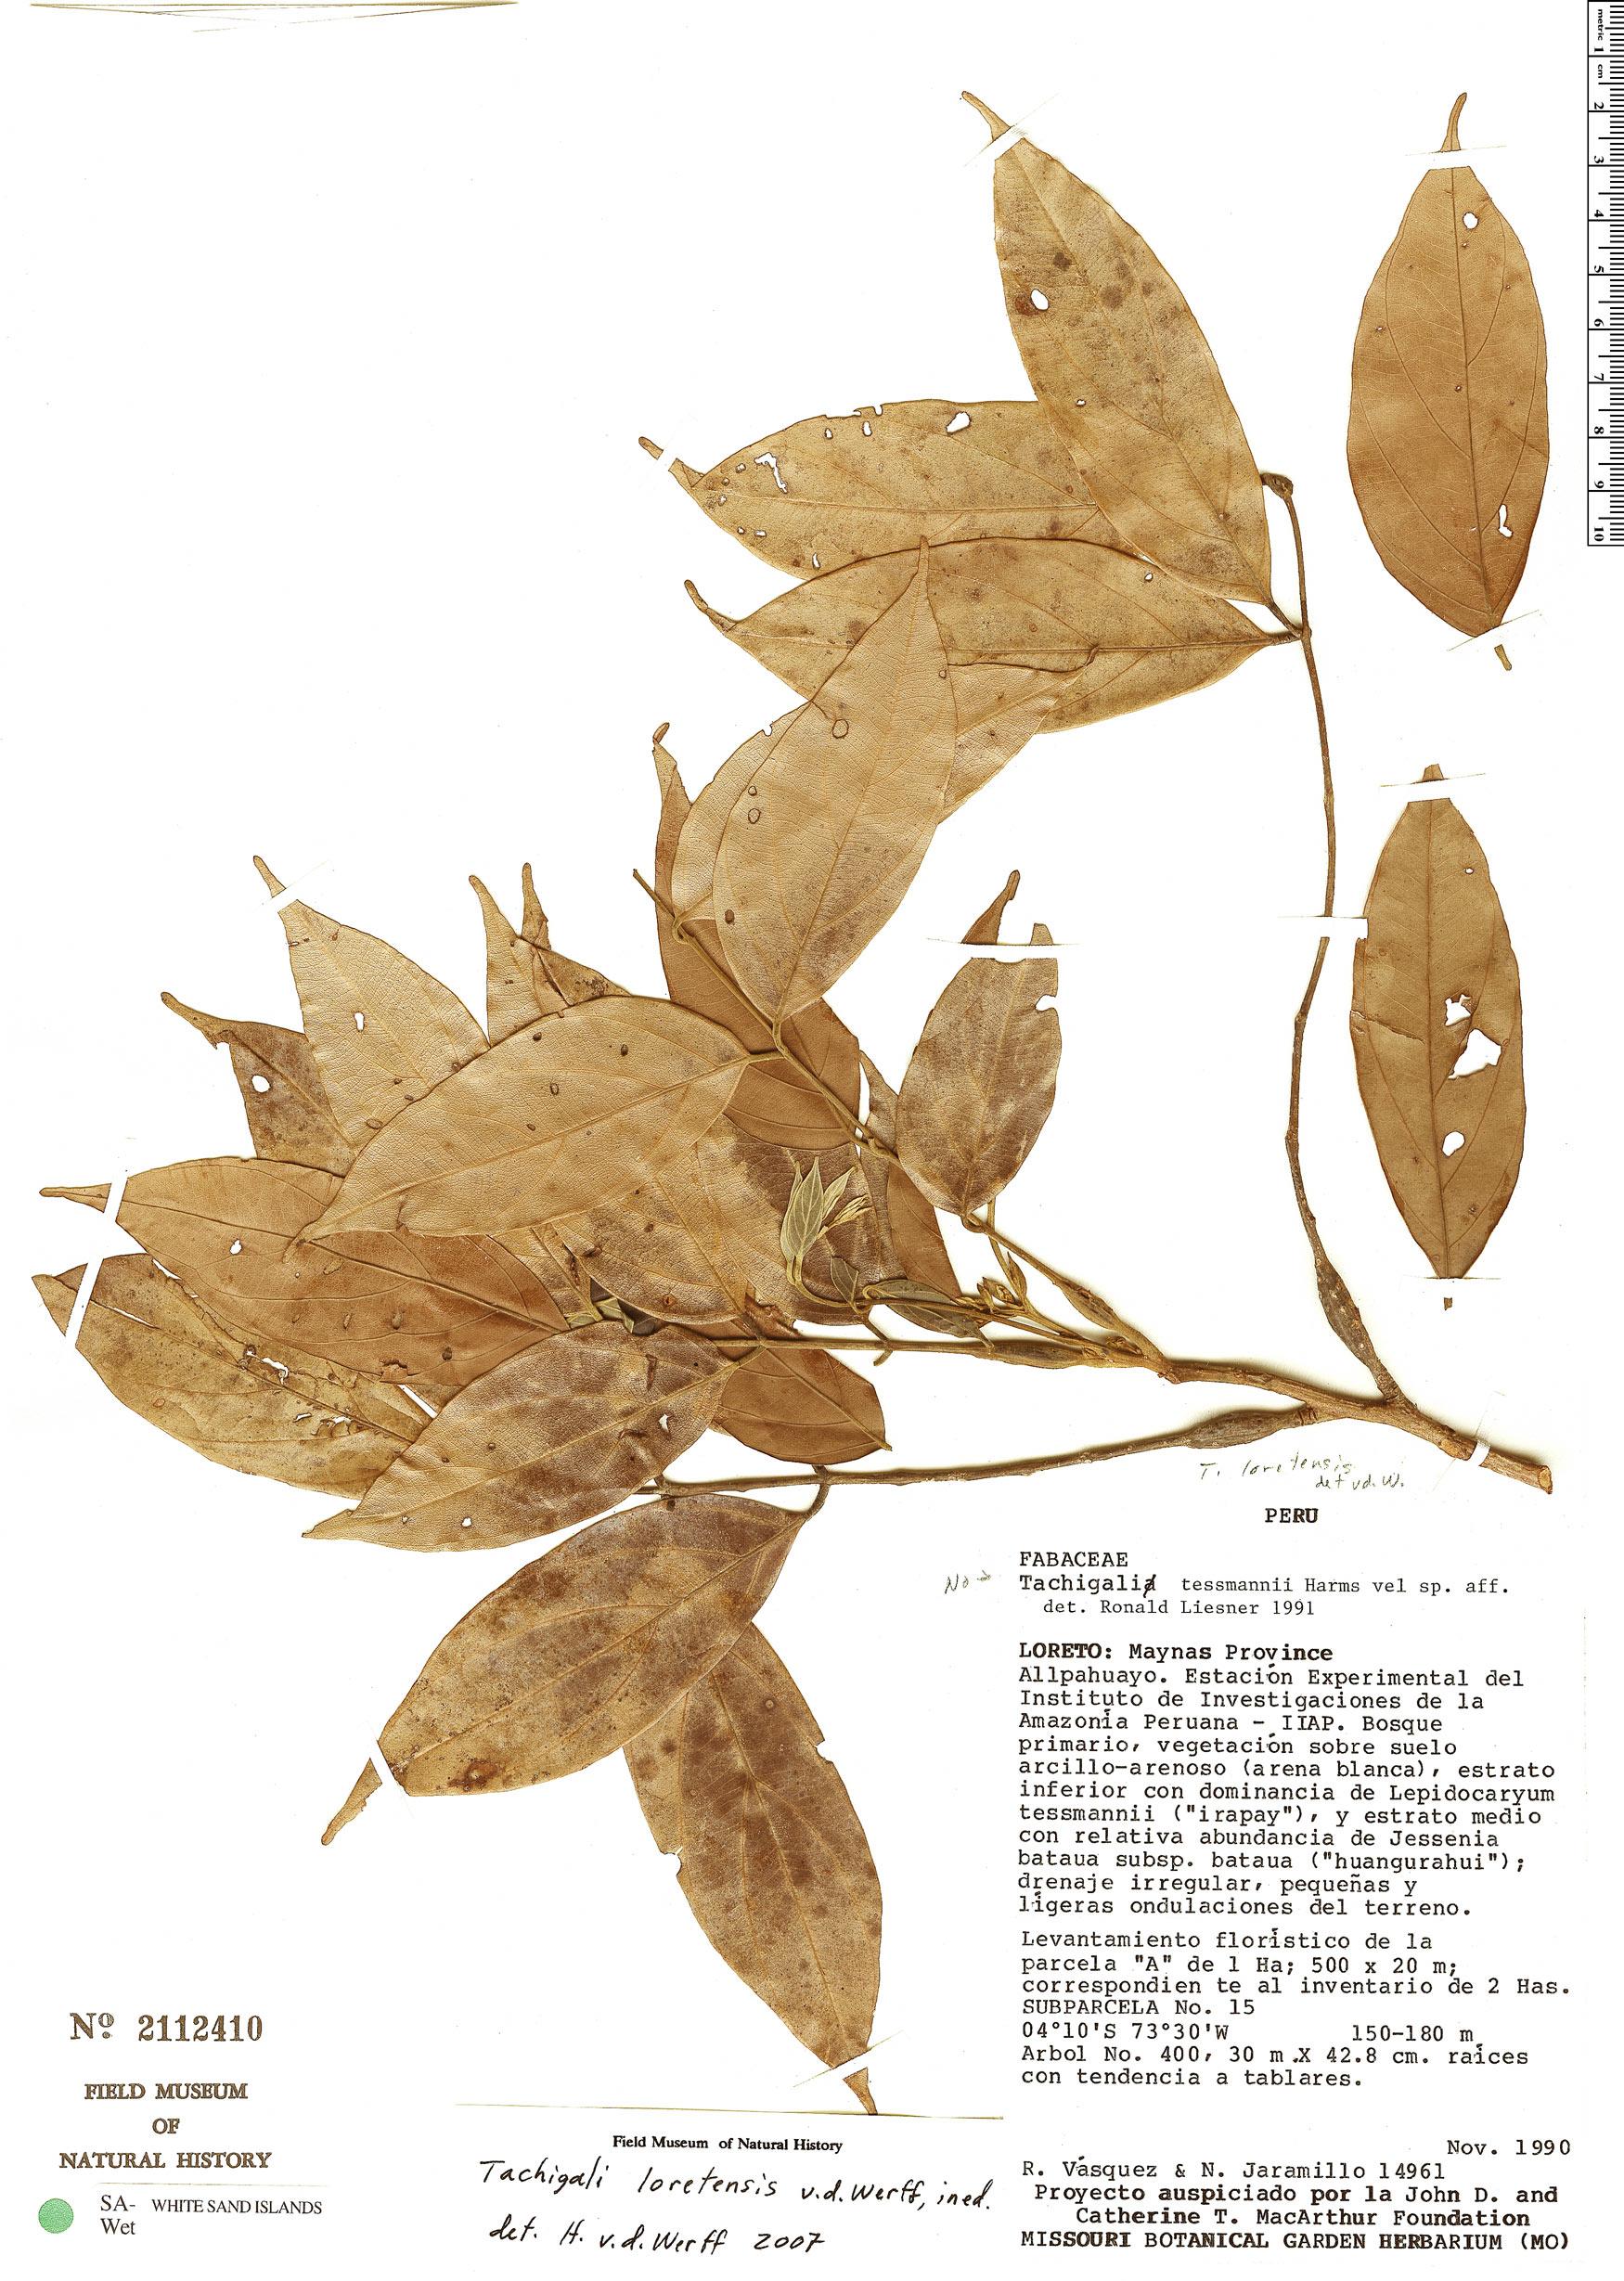 Espécime: Tachigali loretensis